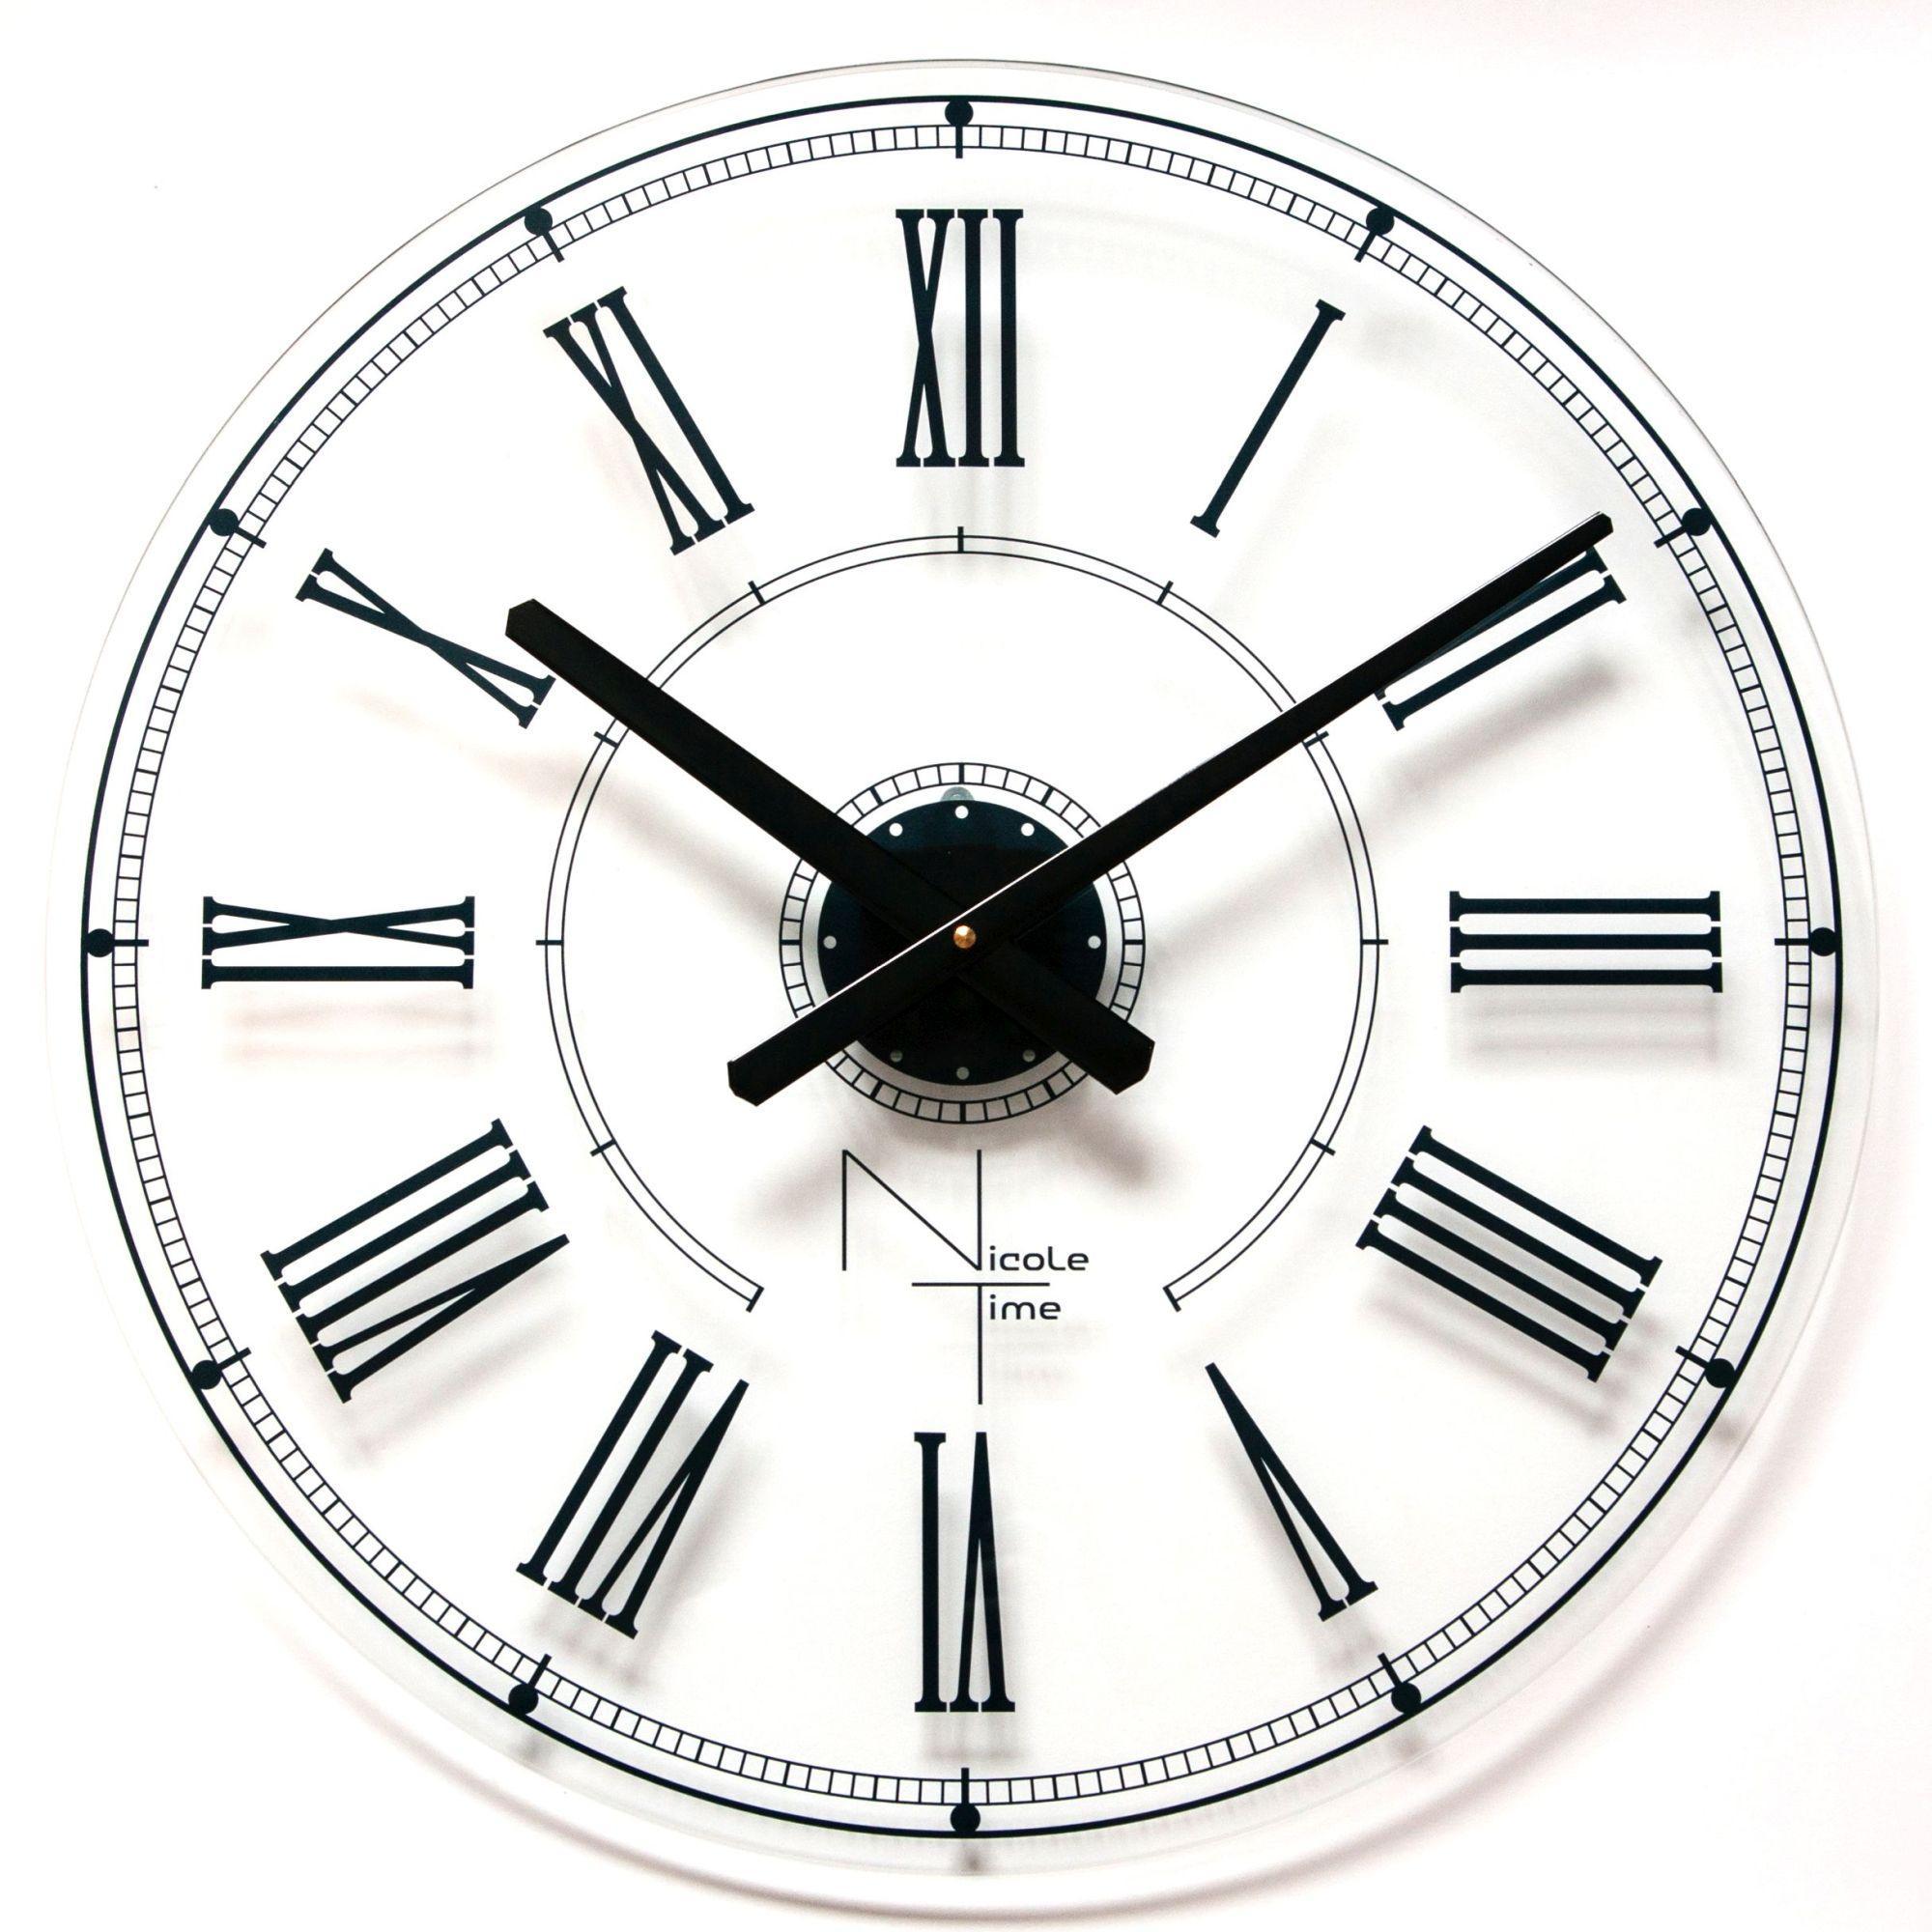 Nicole Time NT537 - фото 1